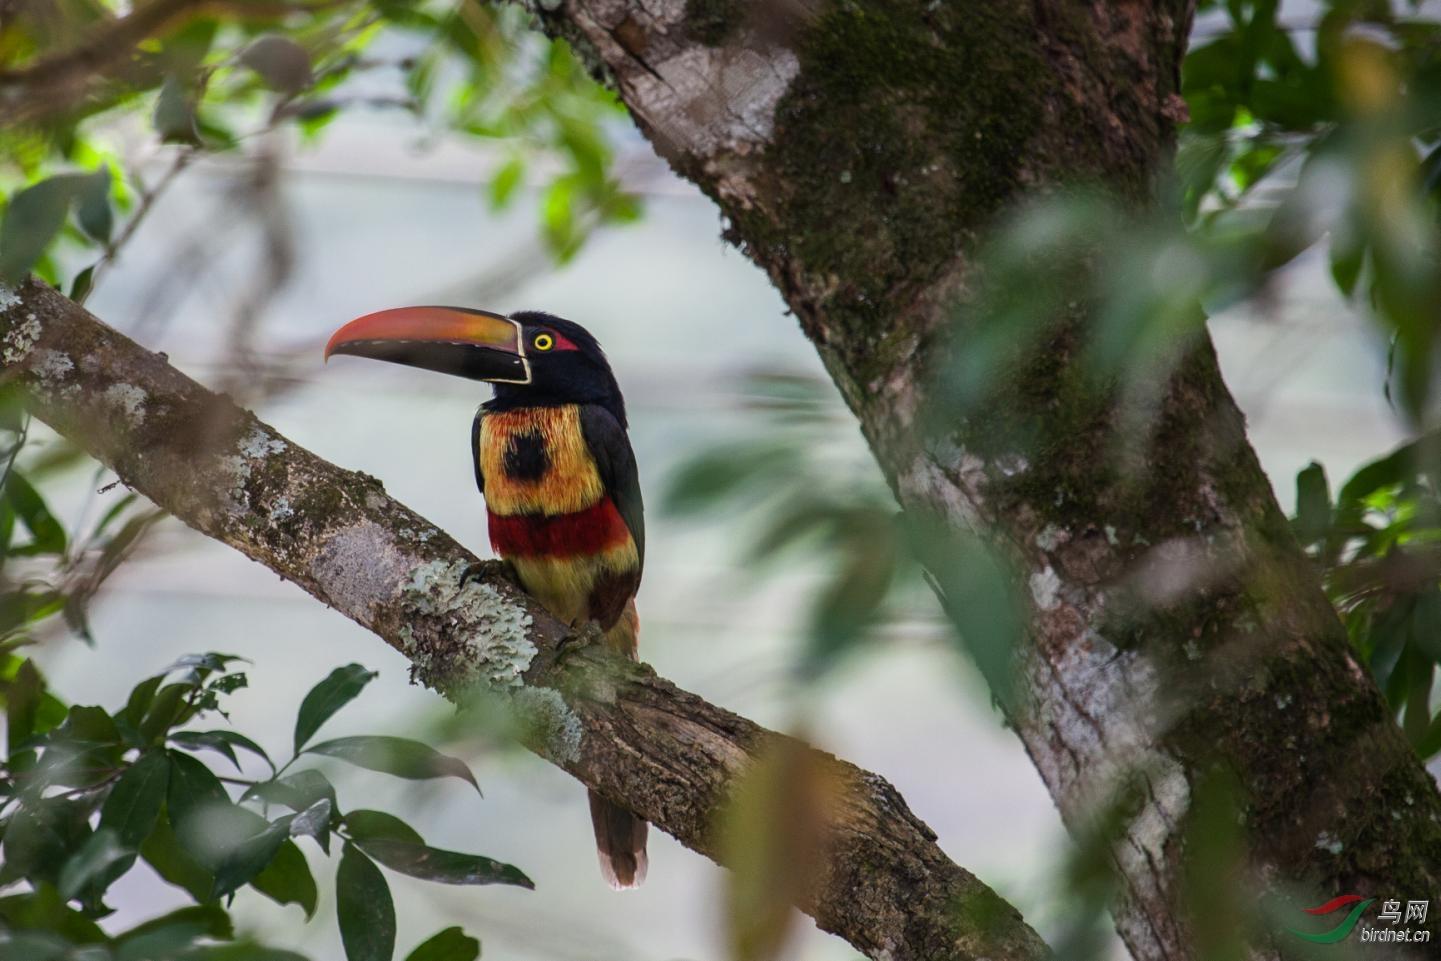 16天哥斯达黎加拍鸟团_页面_55_图像_0002.jpg